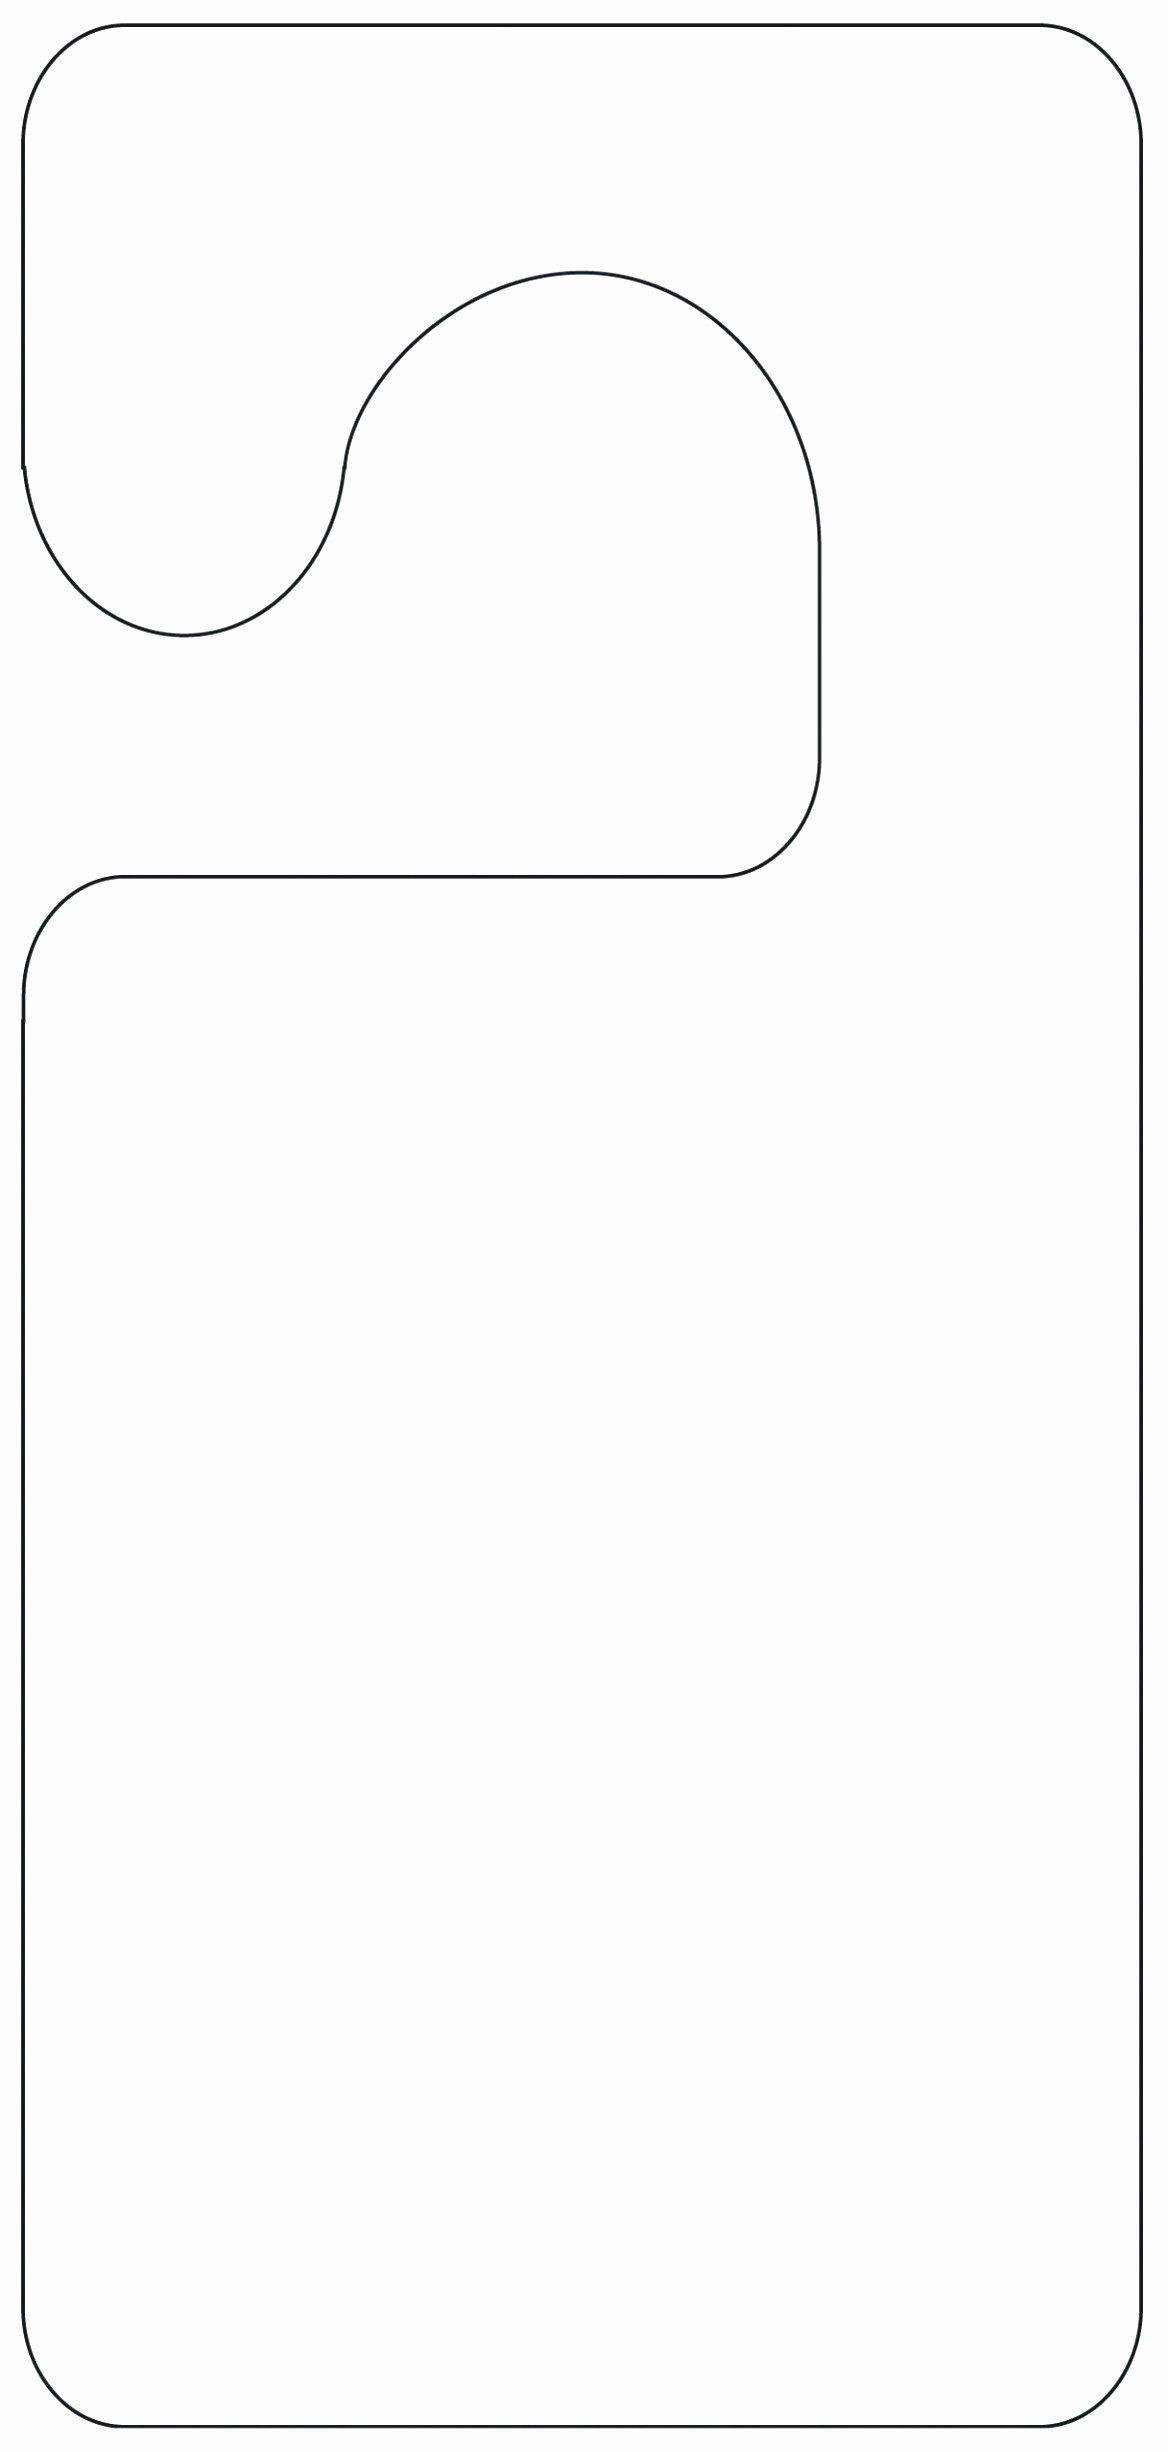 Door Hanger Template Microsoft Word New 5 Blank Door Hanger Template for Word Uawrc